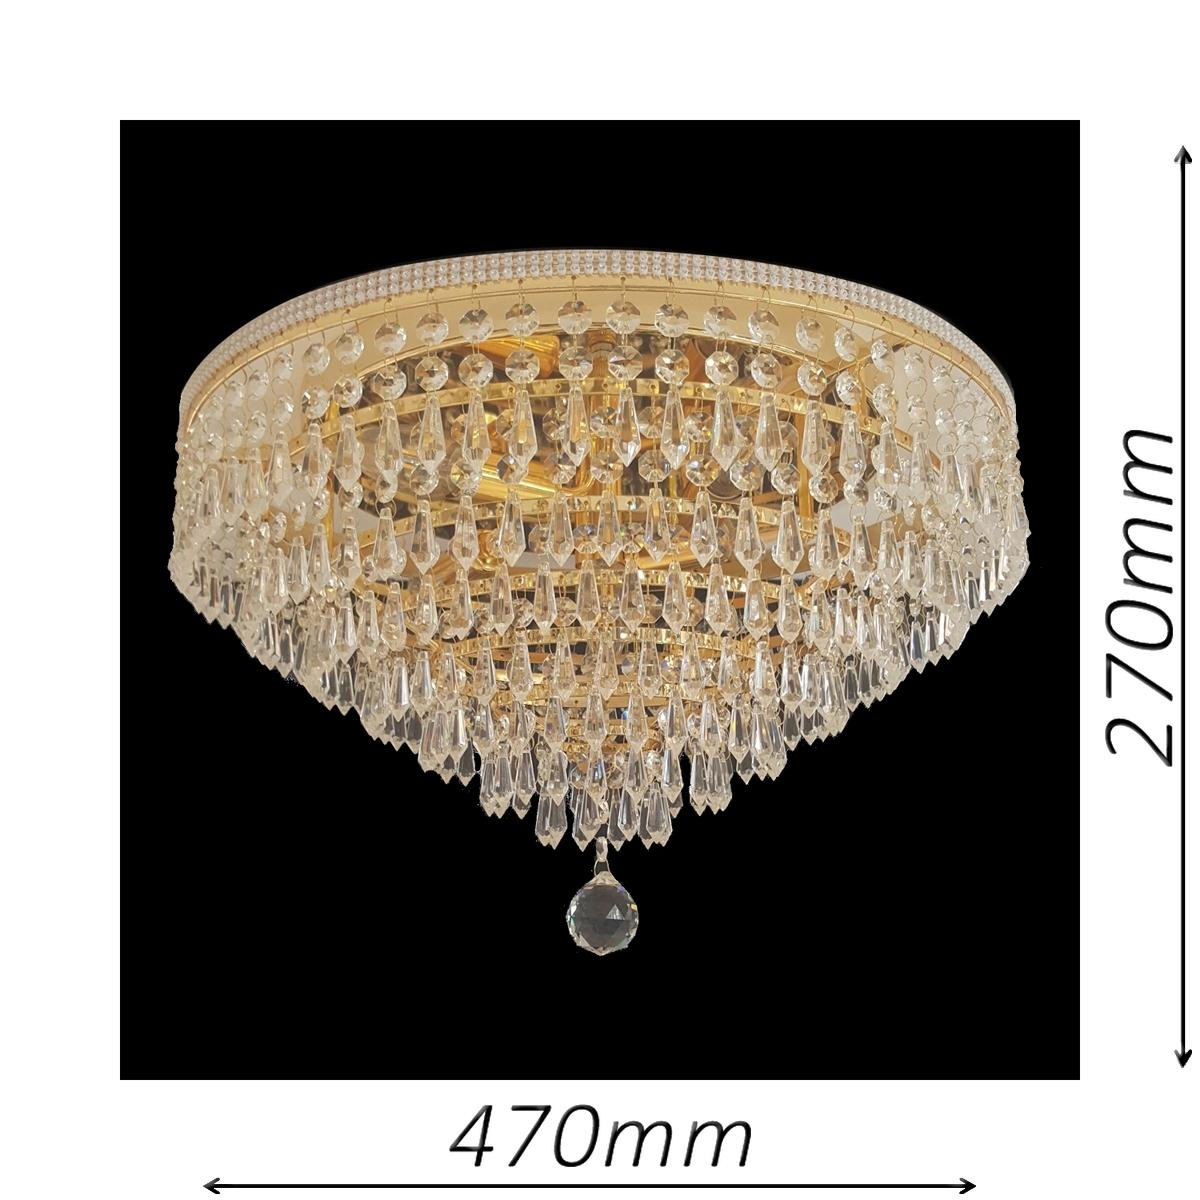 Waterfall 470 Gold Ceiling Light - CTCWAT05470GD